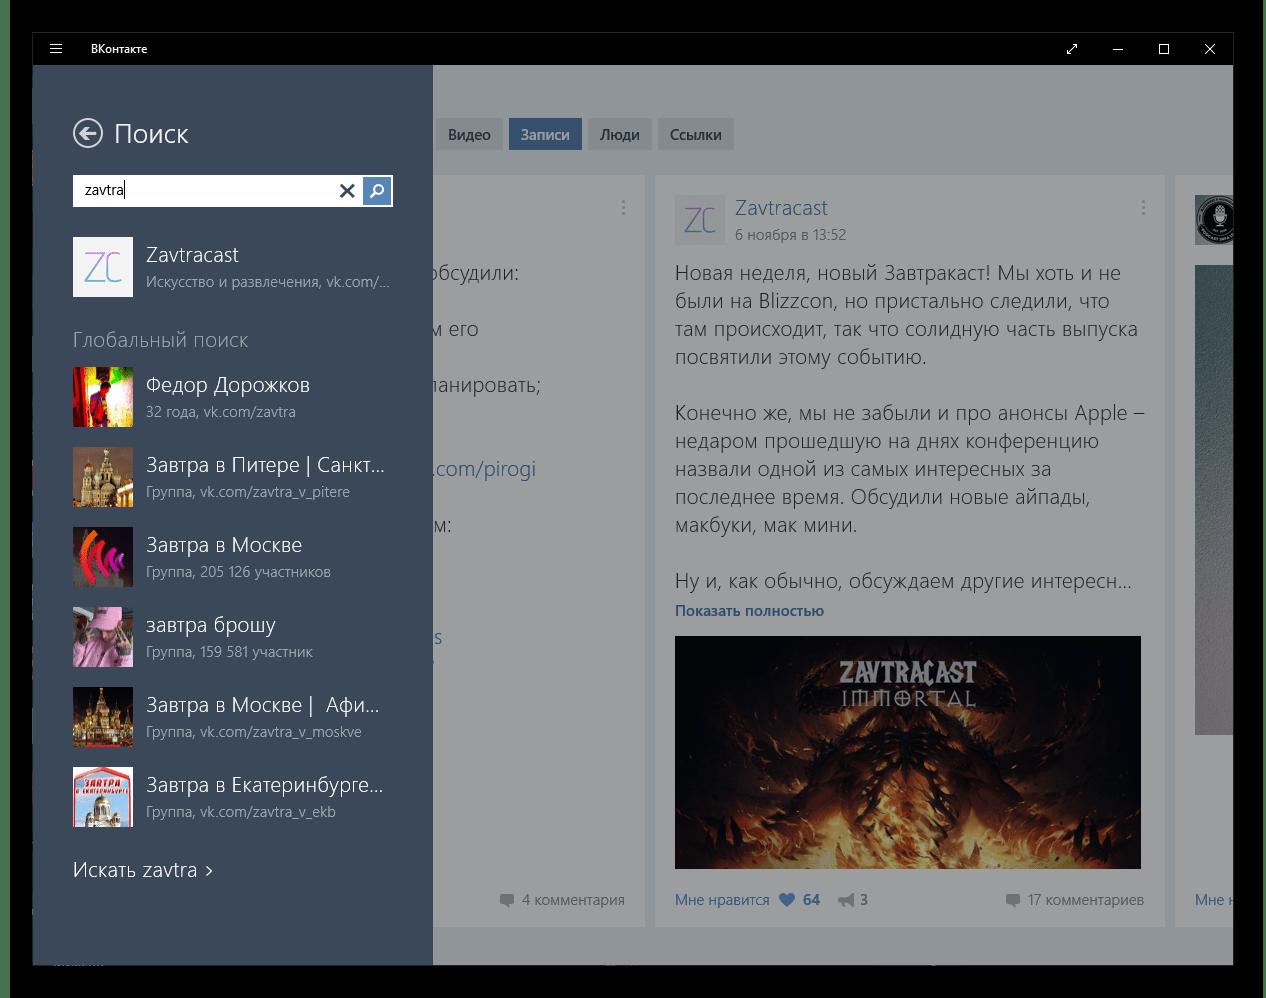 Работа функции поиска в приложении ВКонтакте для Windows